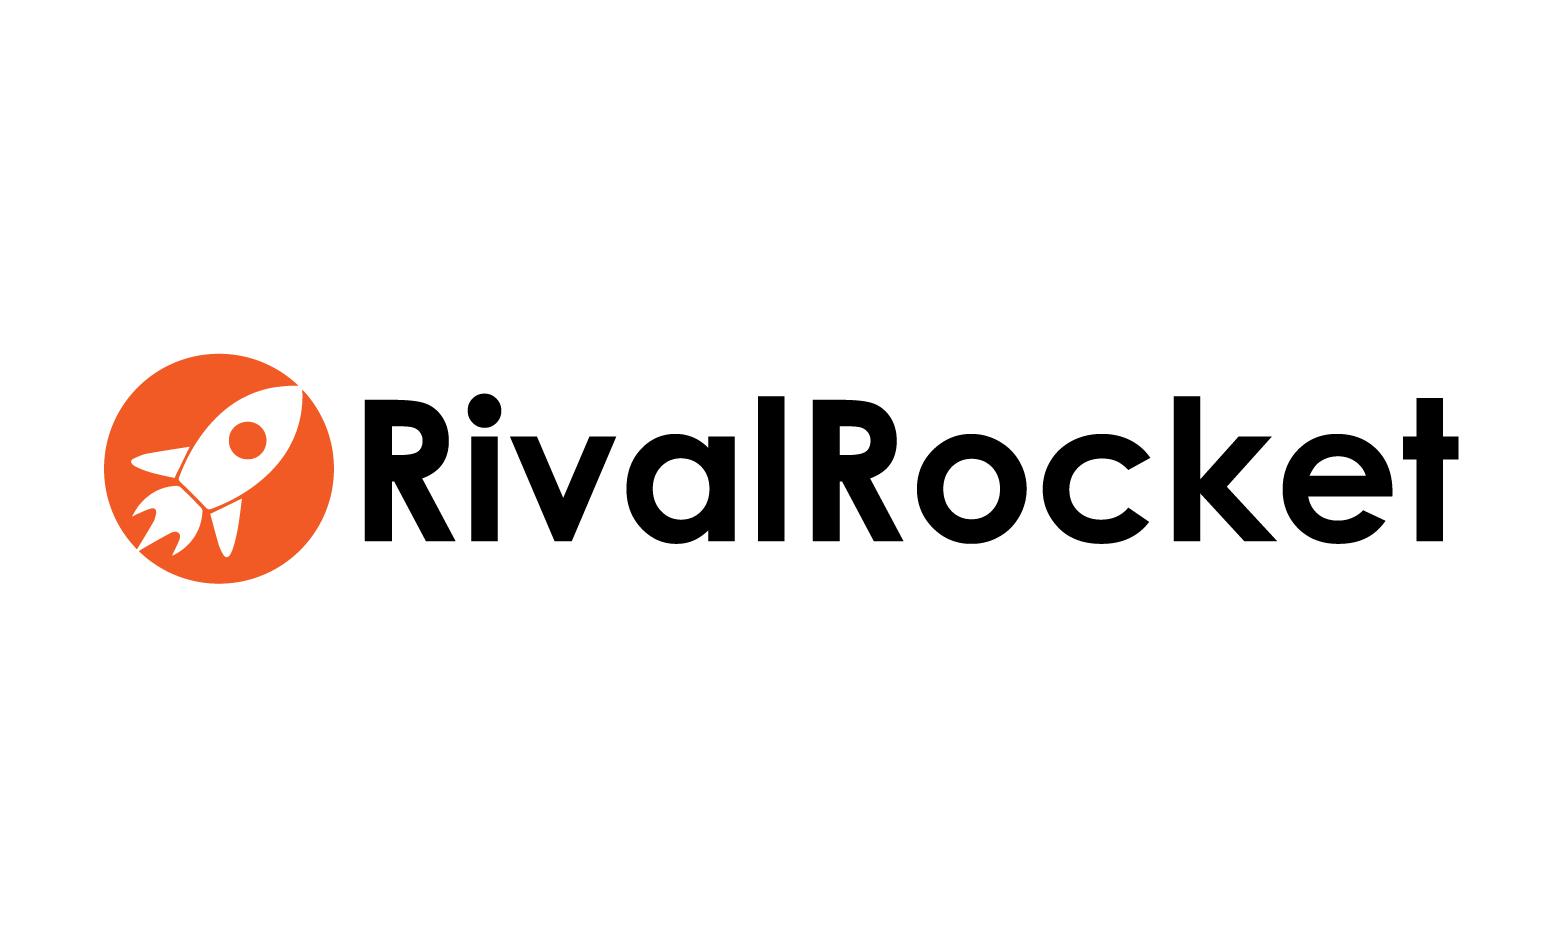 RivalRocket.com